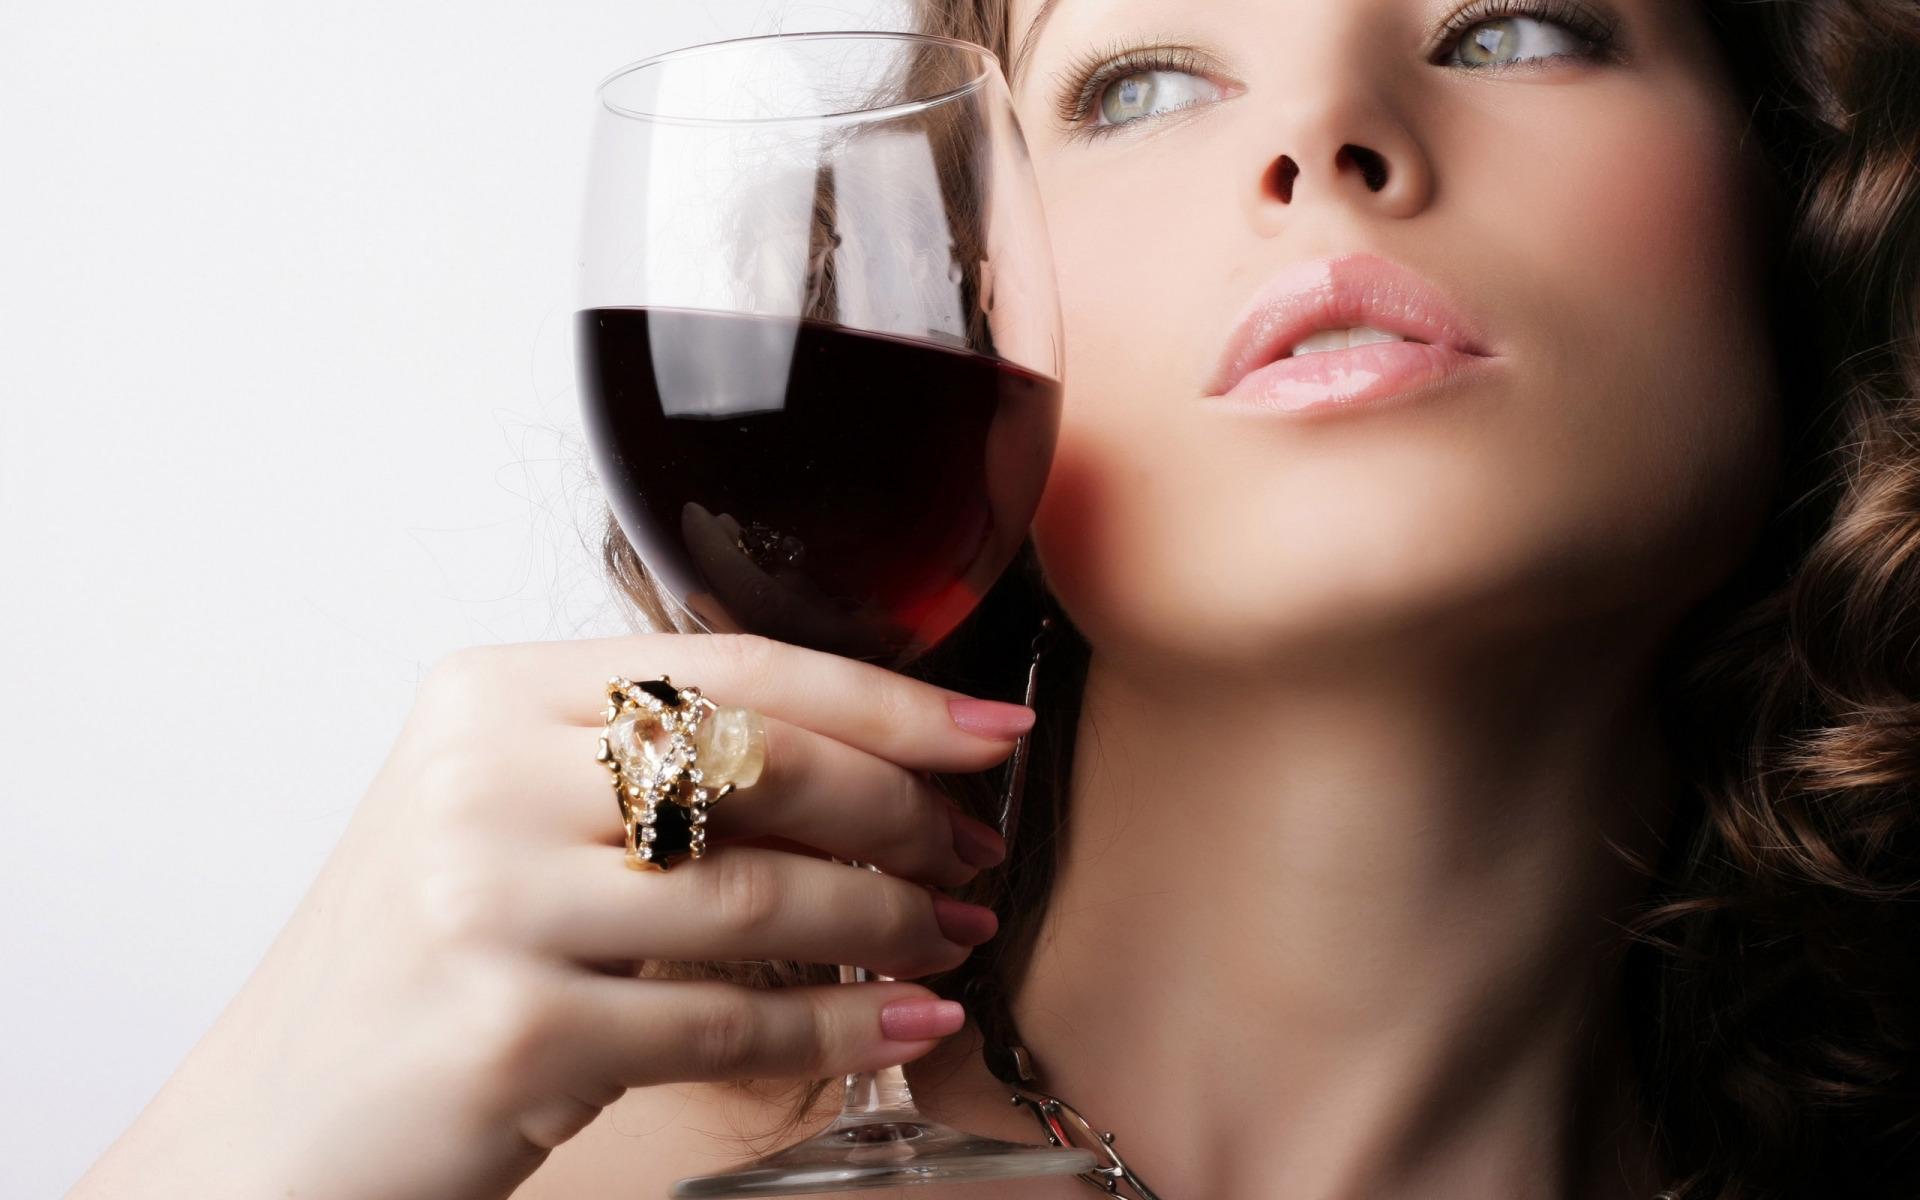 Сборка выпивших стервозных женщин  265473